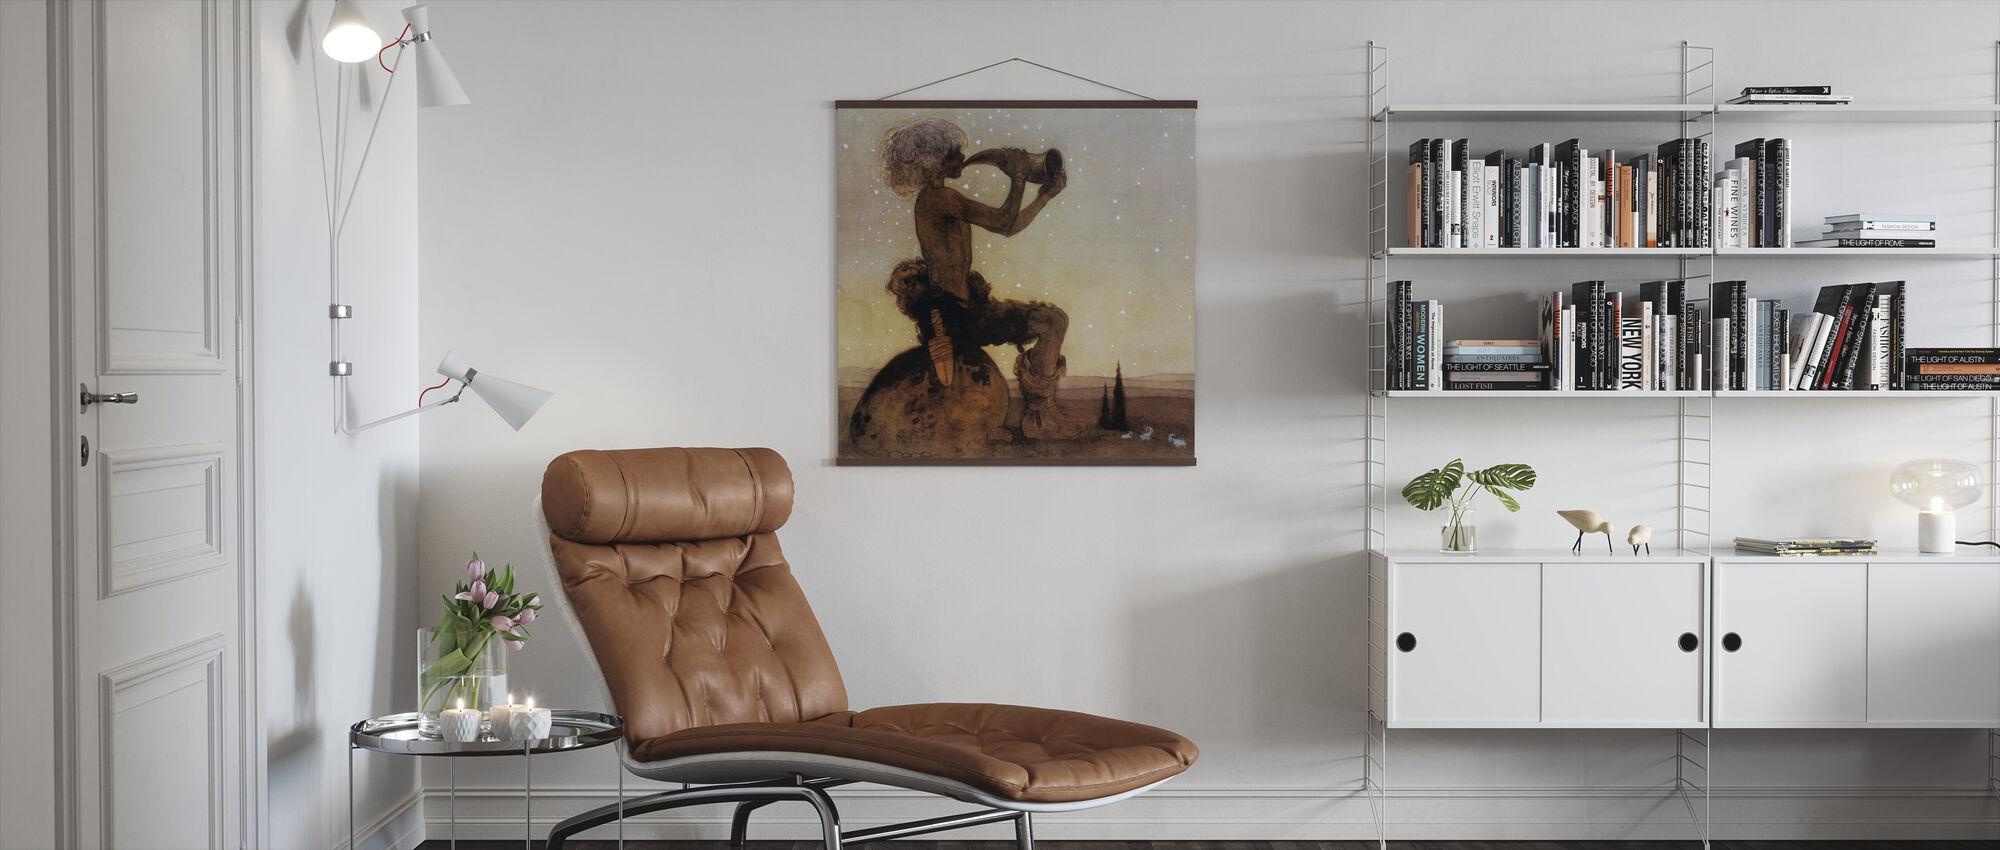 John Bauer - Vil-Vallareman - Poster - Living Room